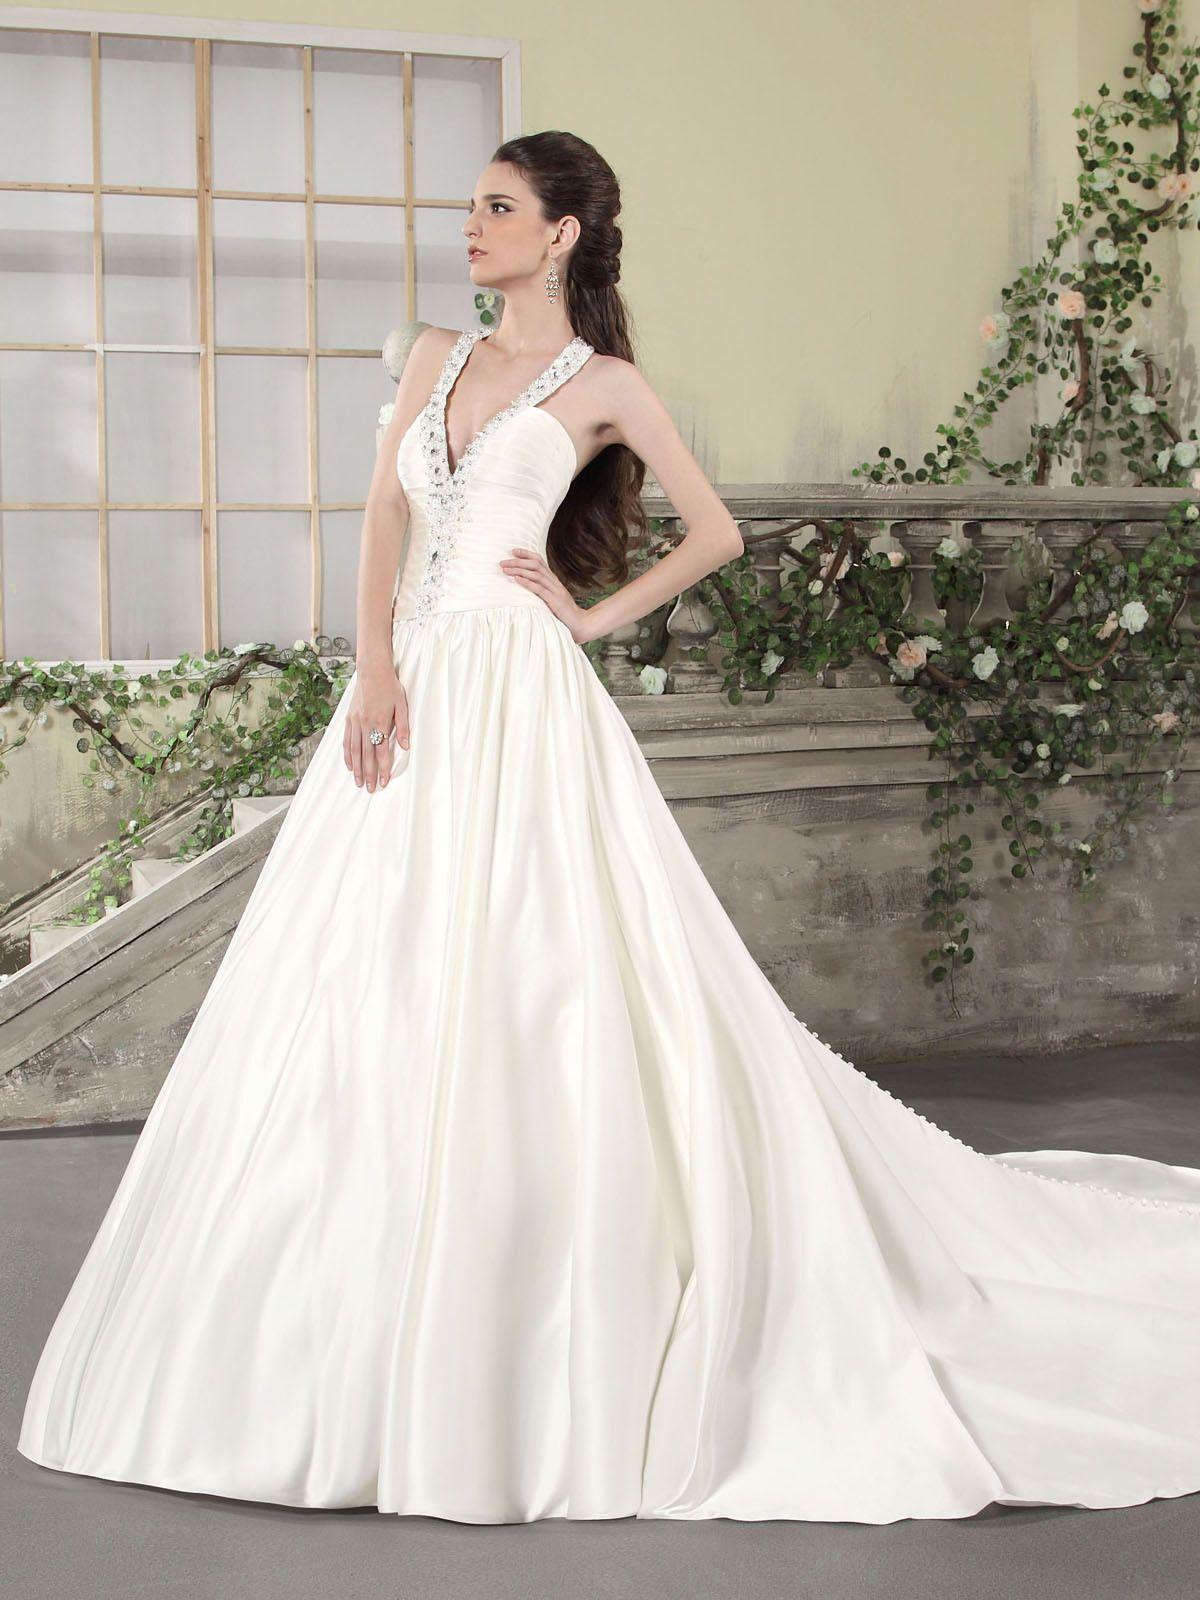 consignment wedding dress atlanta   www.SafeListBuilder.com ...